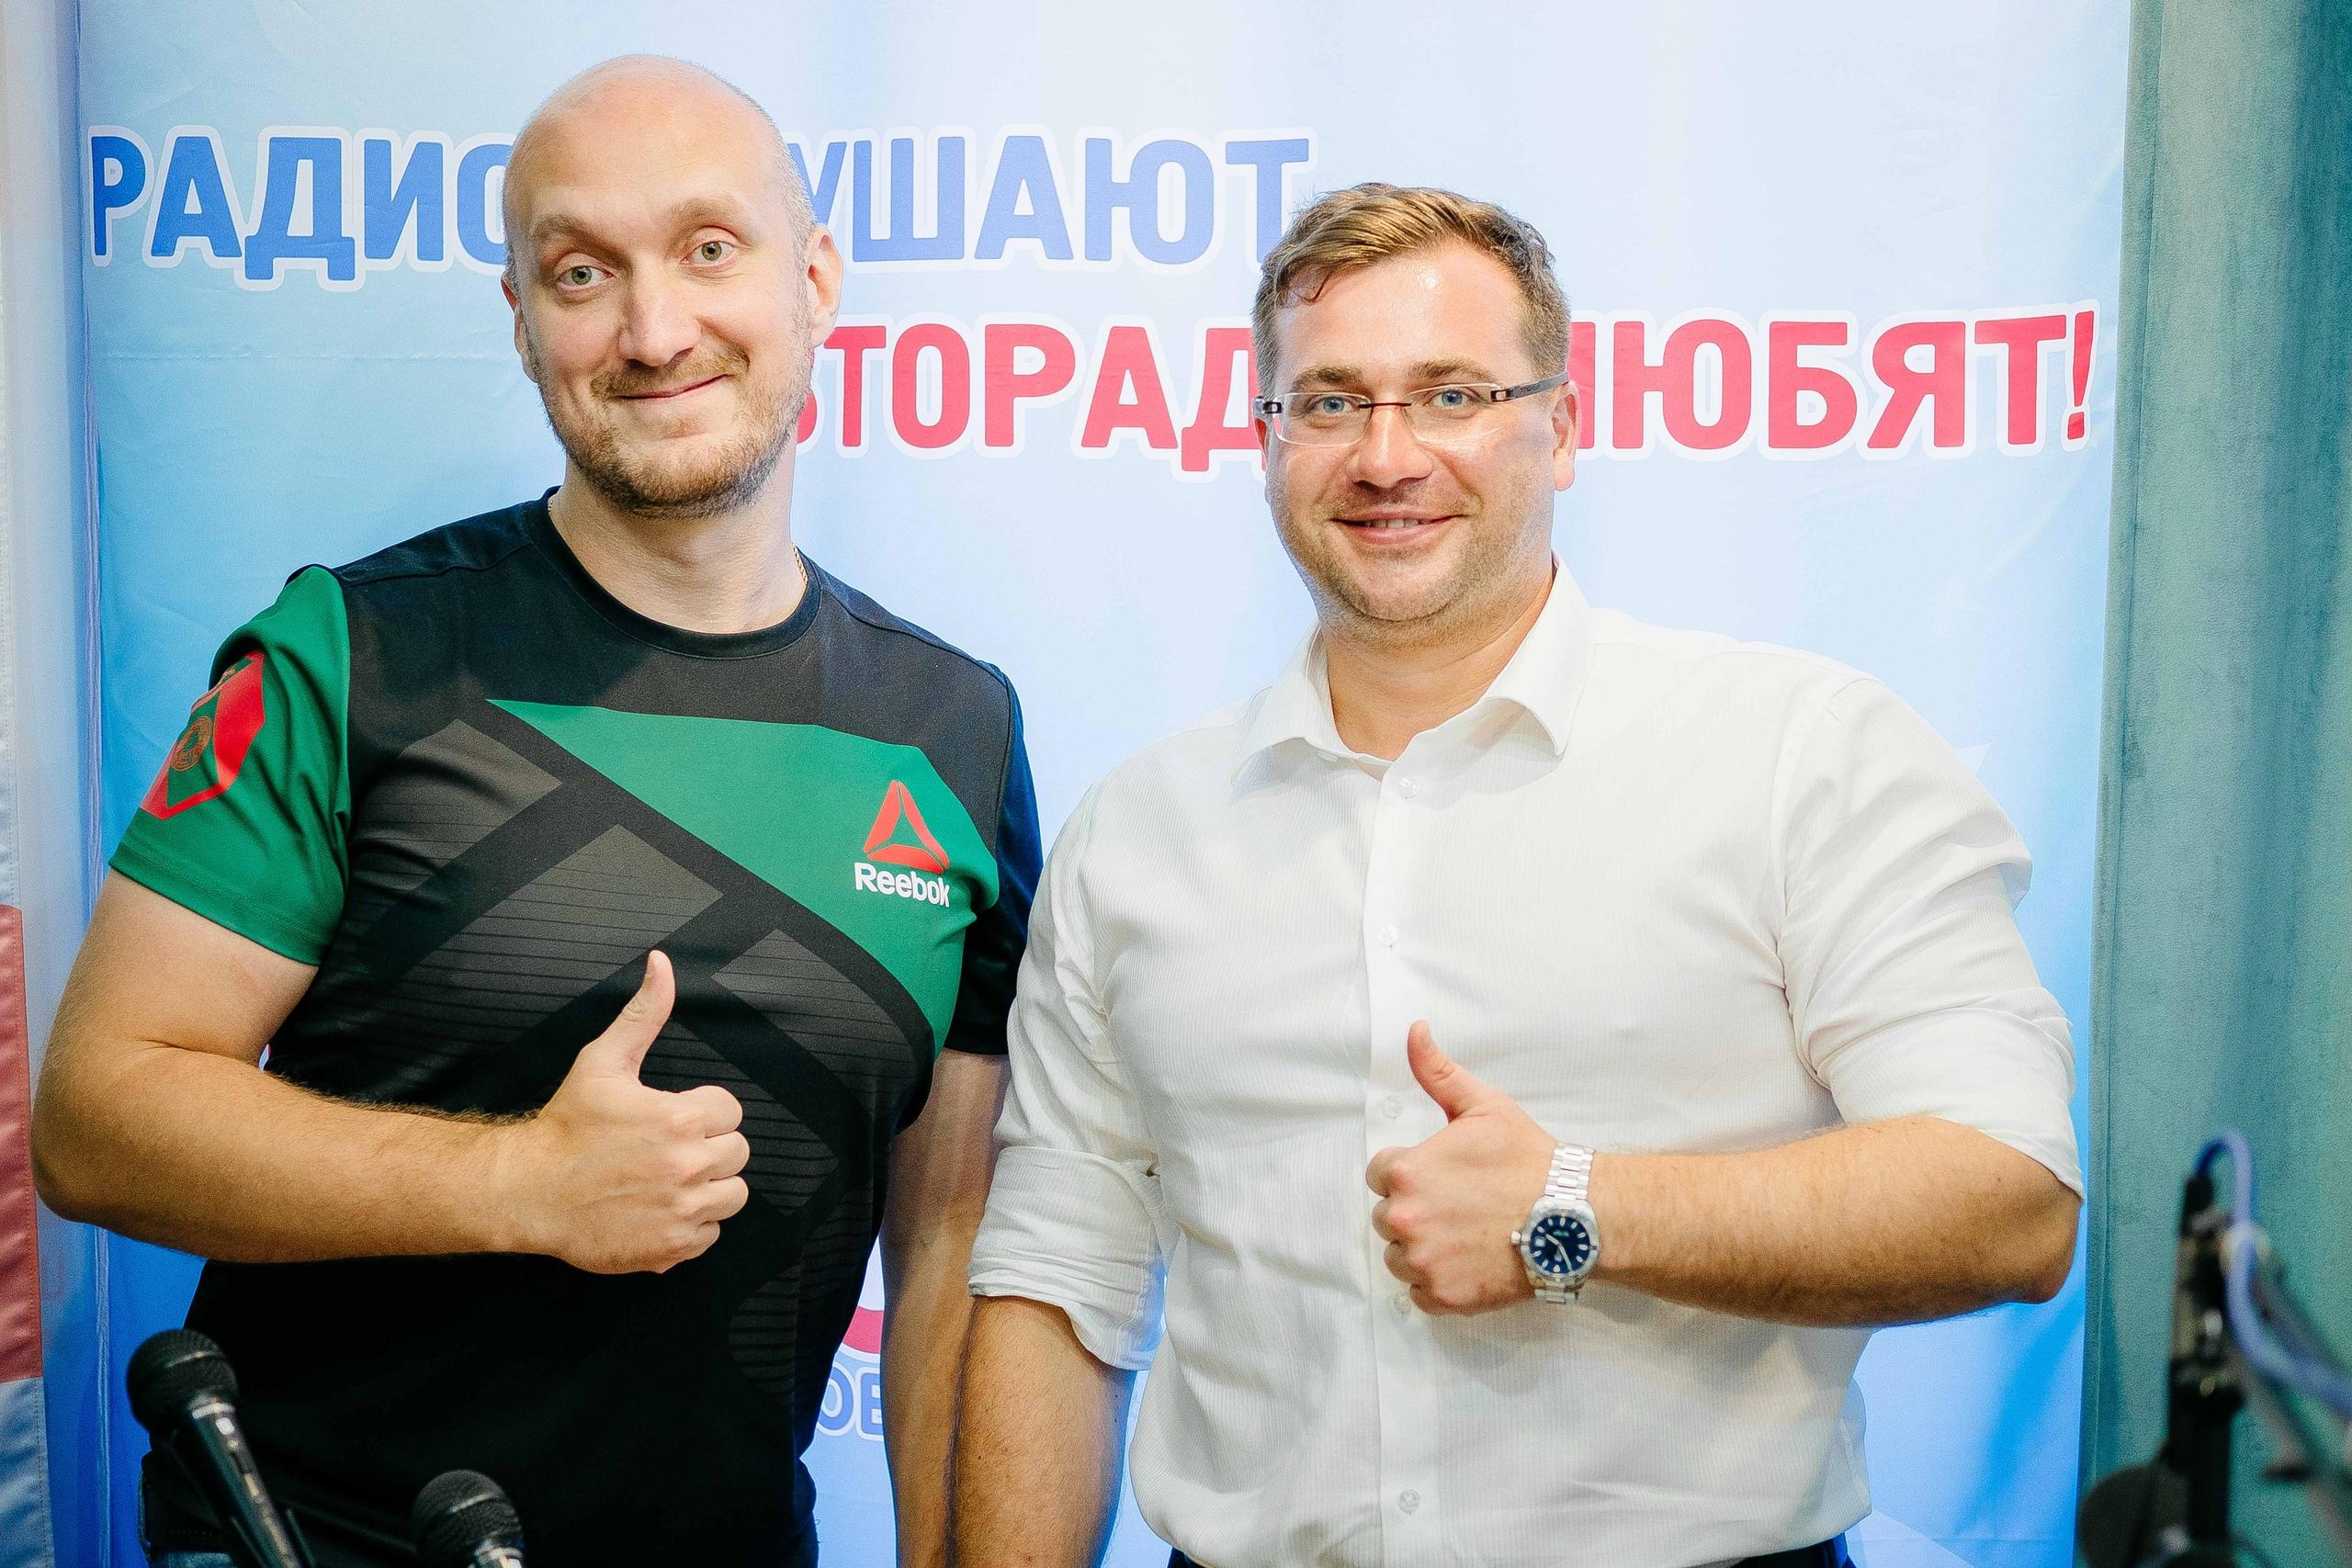 sharypov-shor-100818-ar